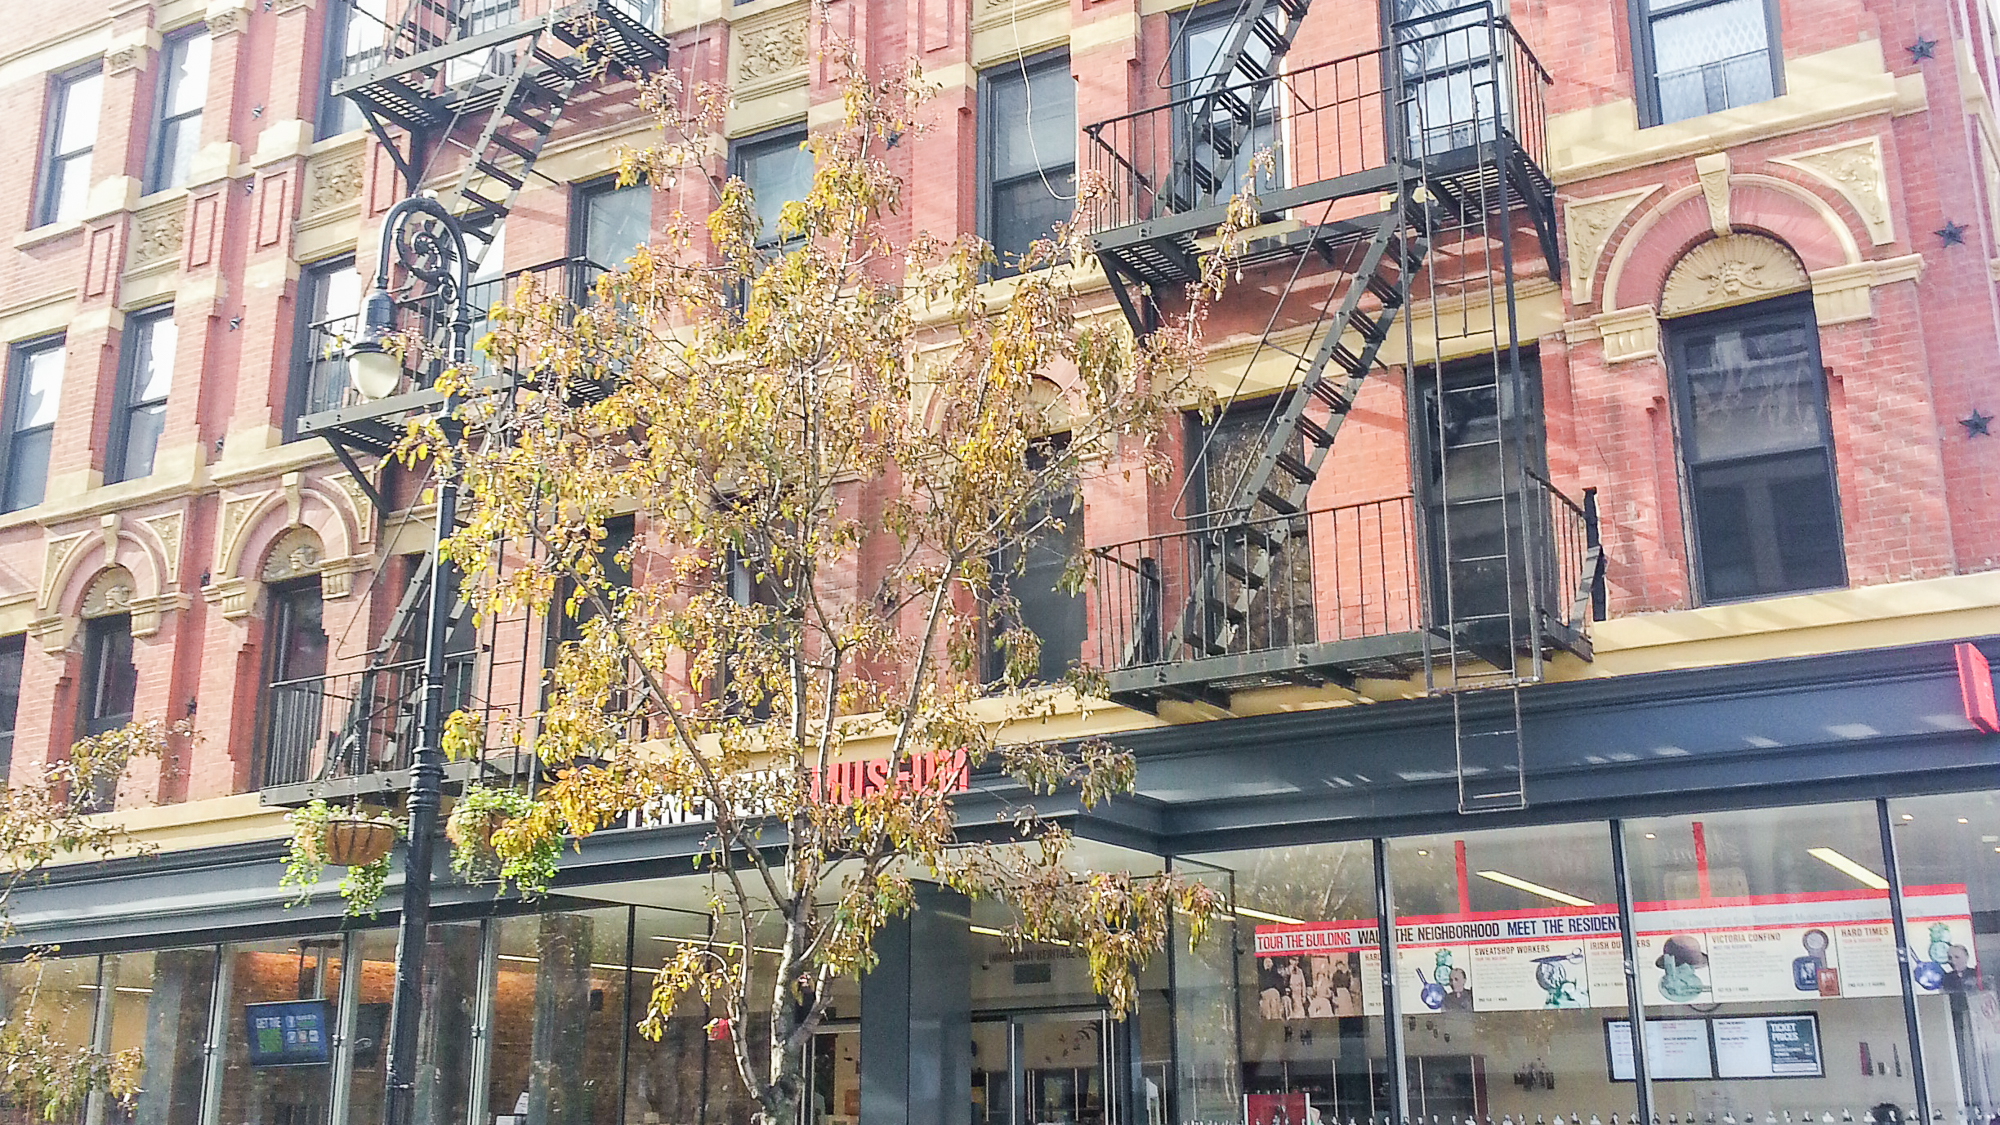 Fachada do prédio antigo onde fica o Tenement Museum em Nova York, com escadas de incêndio na frente e pintado de rosa